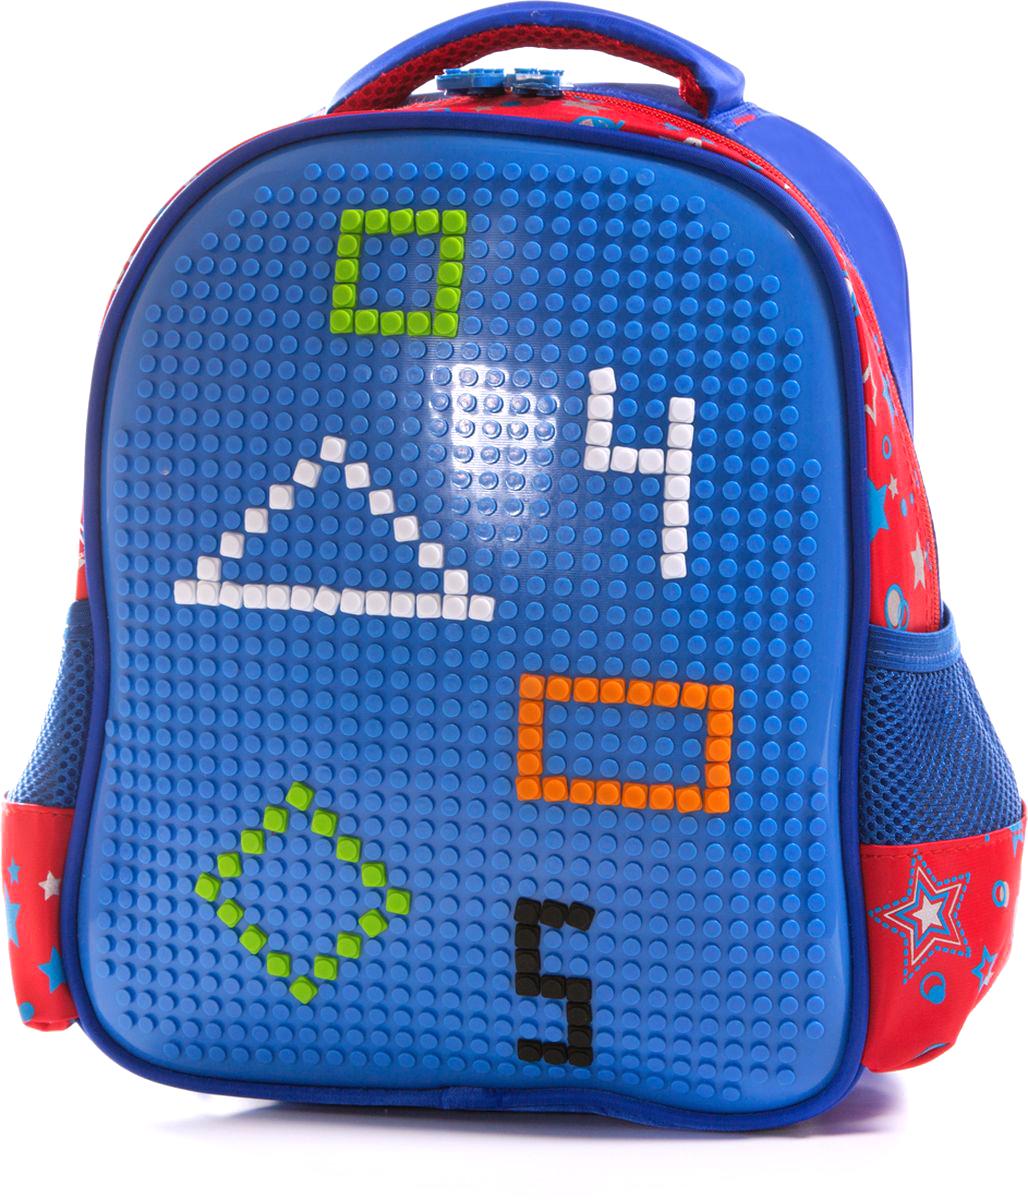 Vittorio Richi Рюкзак цвет синий красный K07R88804K07R88804Рюкзак Vittorio Richi с набором пикселей в комплекте выполнен из водоотталкивающей и износостойкой ткани.Рюкзак имеет укрепленную спинку, эластичные широкие лямки.Изделие имеет одно основное отделение на застежке-молнии и два открытых кармашка по бокам. Внутри рюкзака находится дополнительный карман для мелочей.